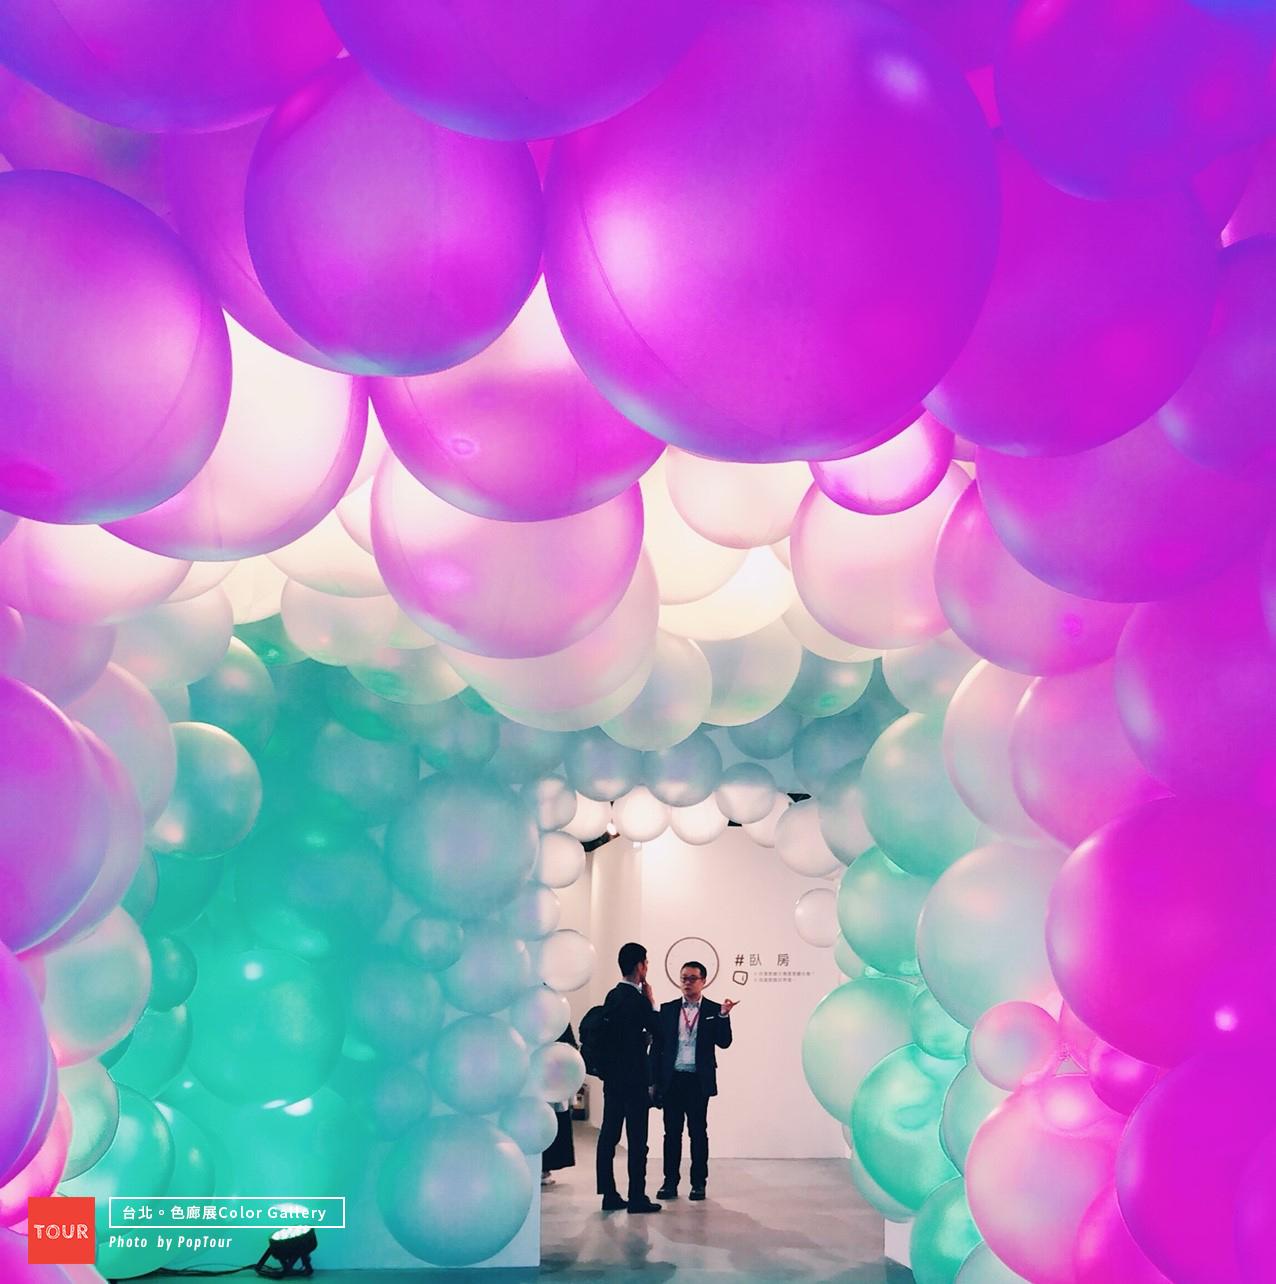 有空當然就是要去看展啊!超夢幻粉色氣球隧道就在這,台北超好拍展覽推薦!